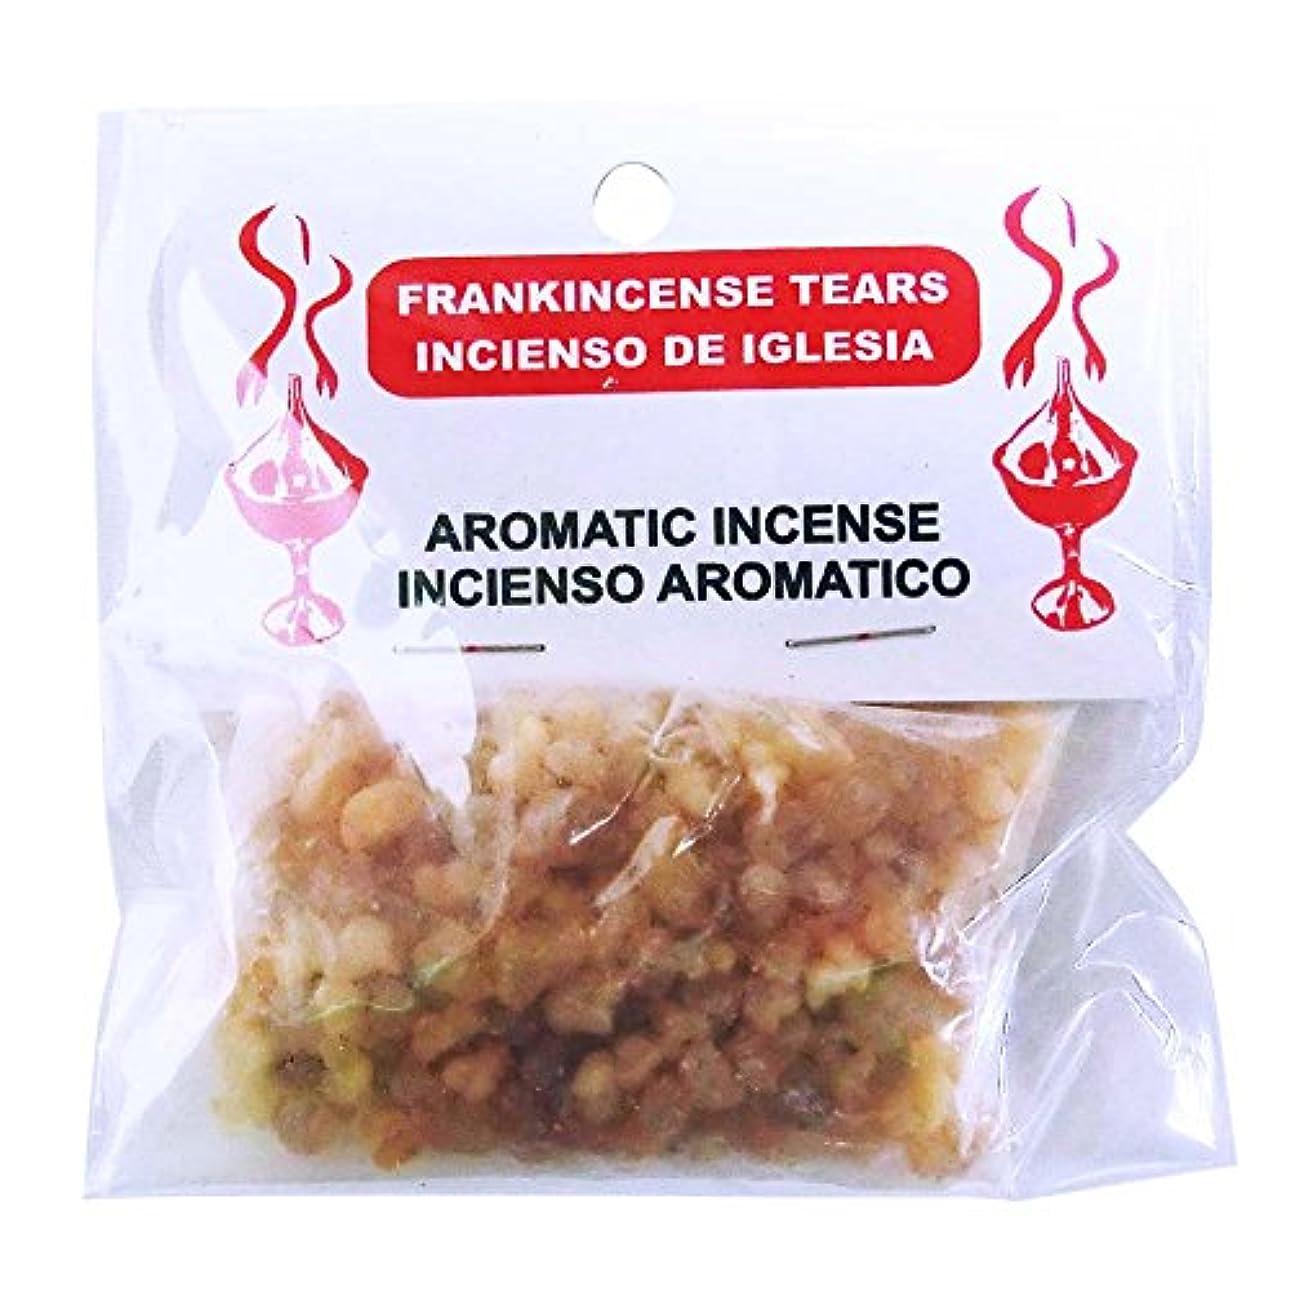 符号まもなく補助3KINGS Resin Incense(ヨルダンの聖別香) Frankincense Tears